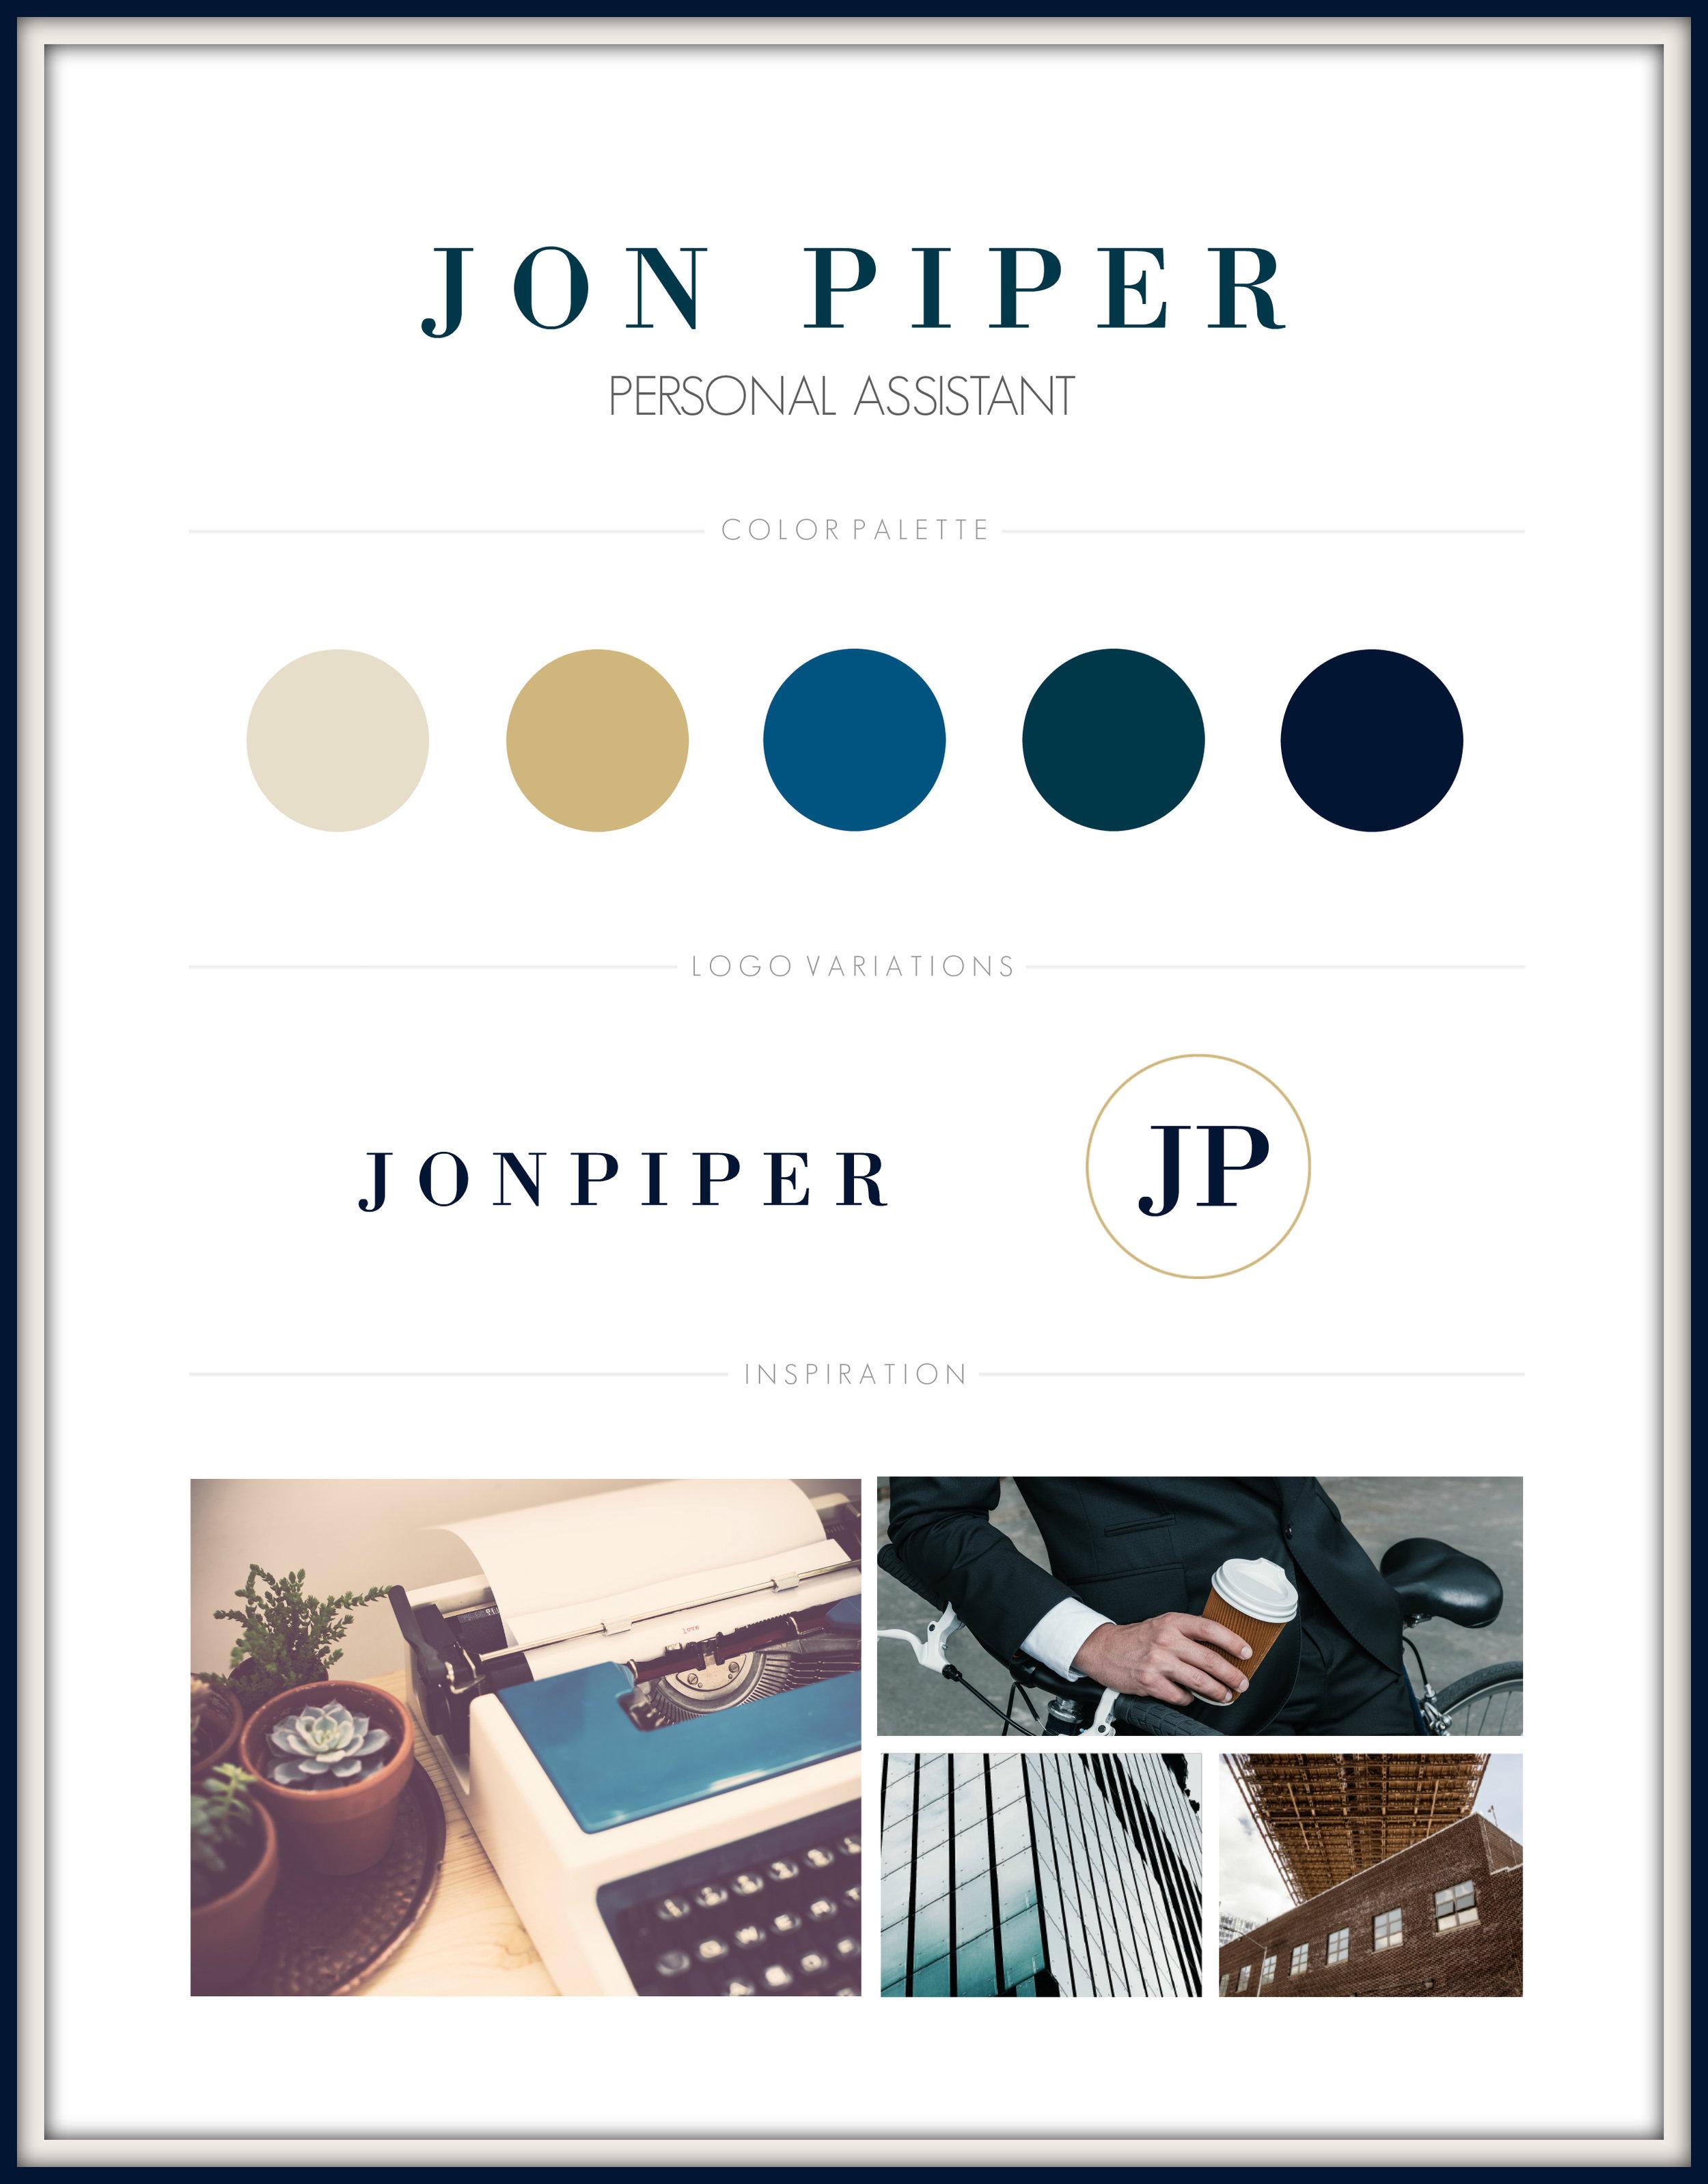 JONPIPER.jpg